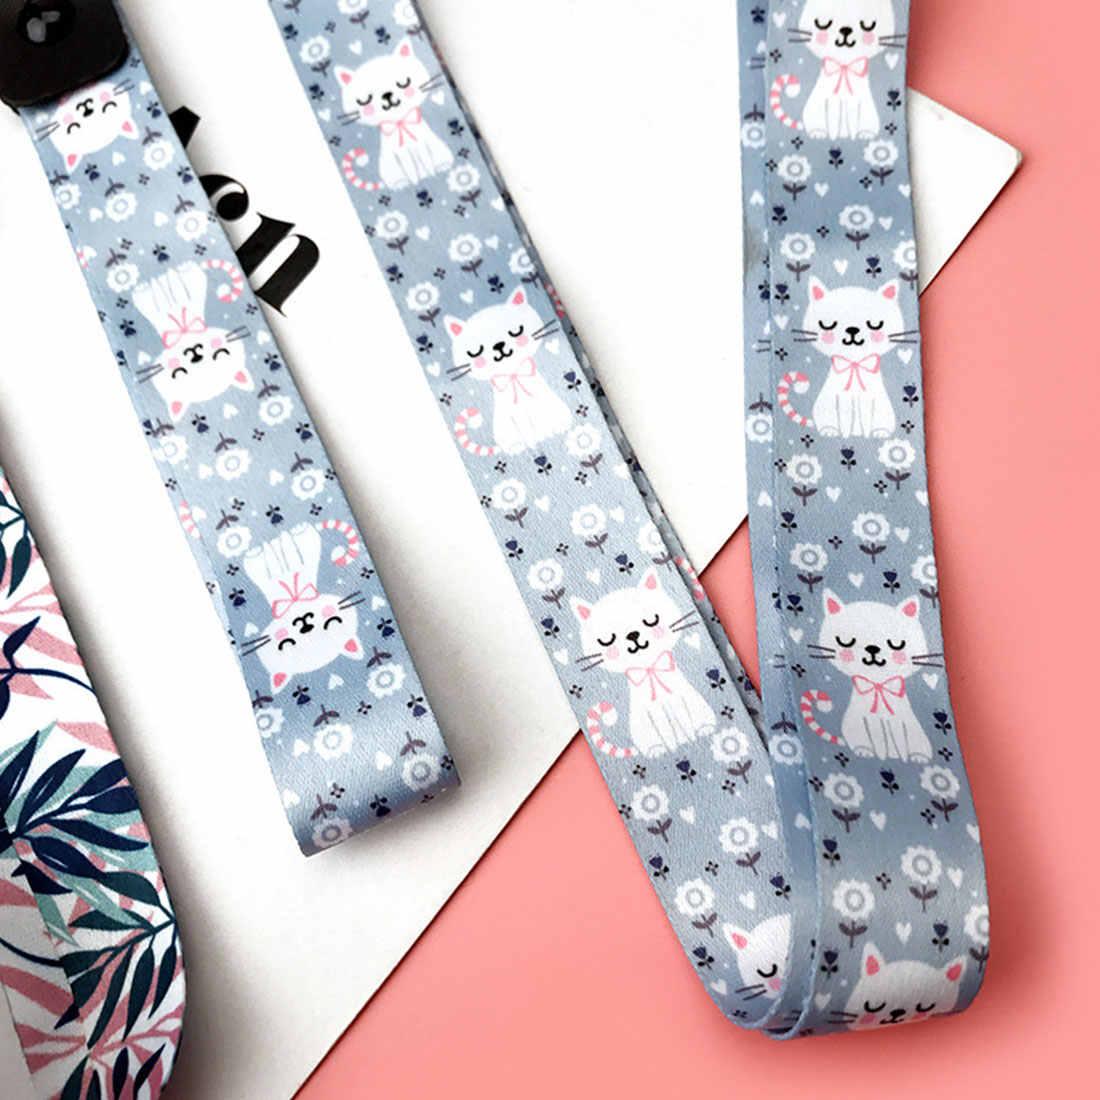 Correa de teléfono móvil linda flor de dibujos animados gato acollador correa de cuello para llaves Tarjeta de Identificación S para Huawei sujección de insignia y USB cuerda colgante DIY